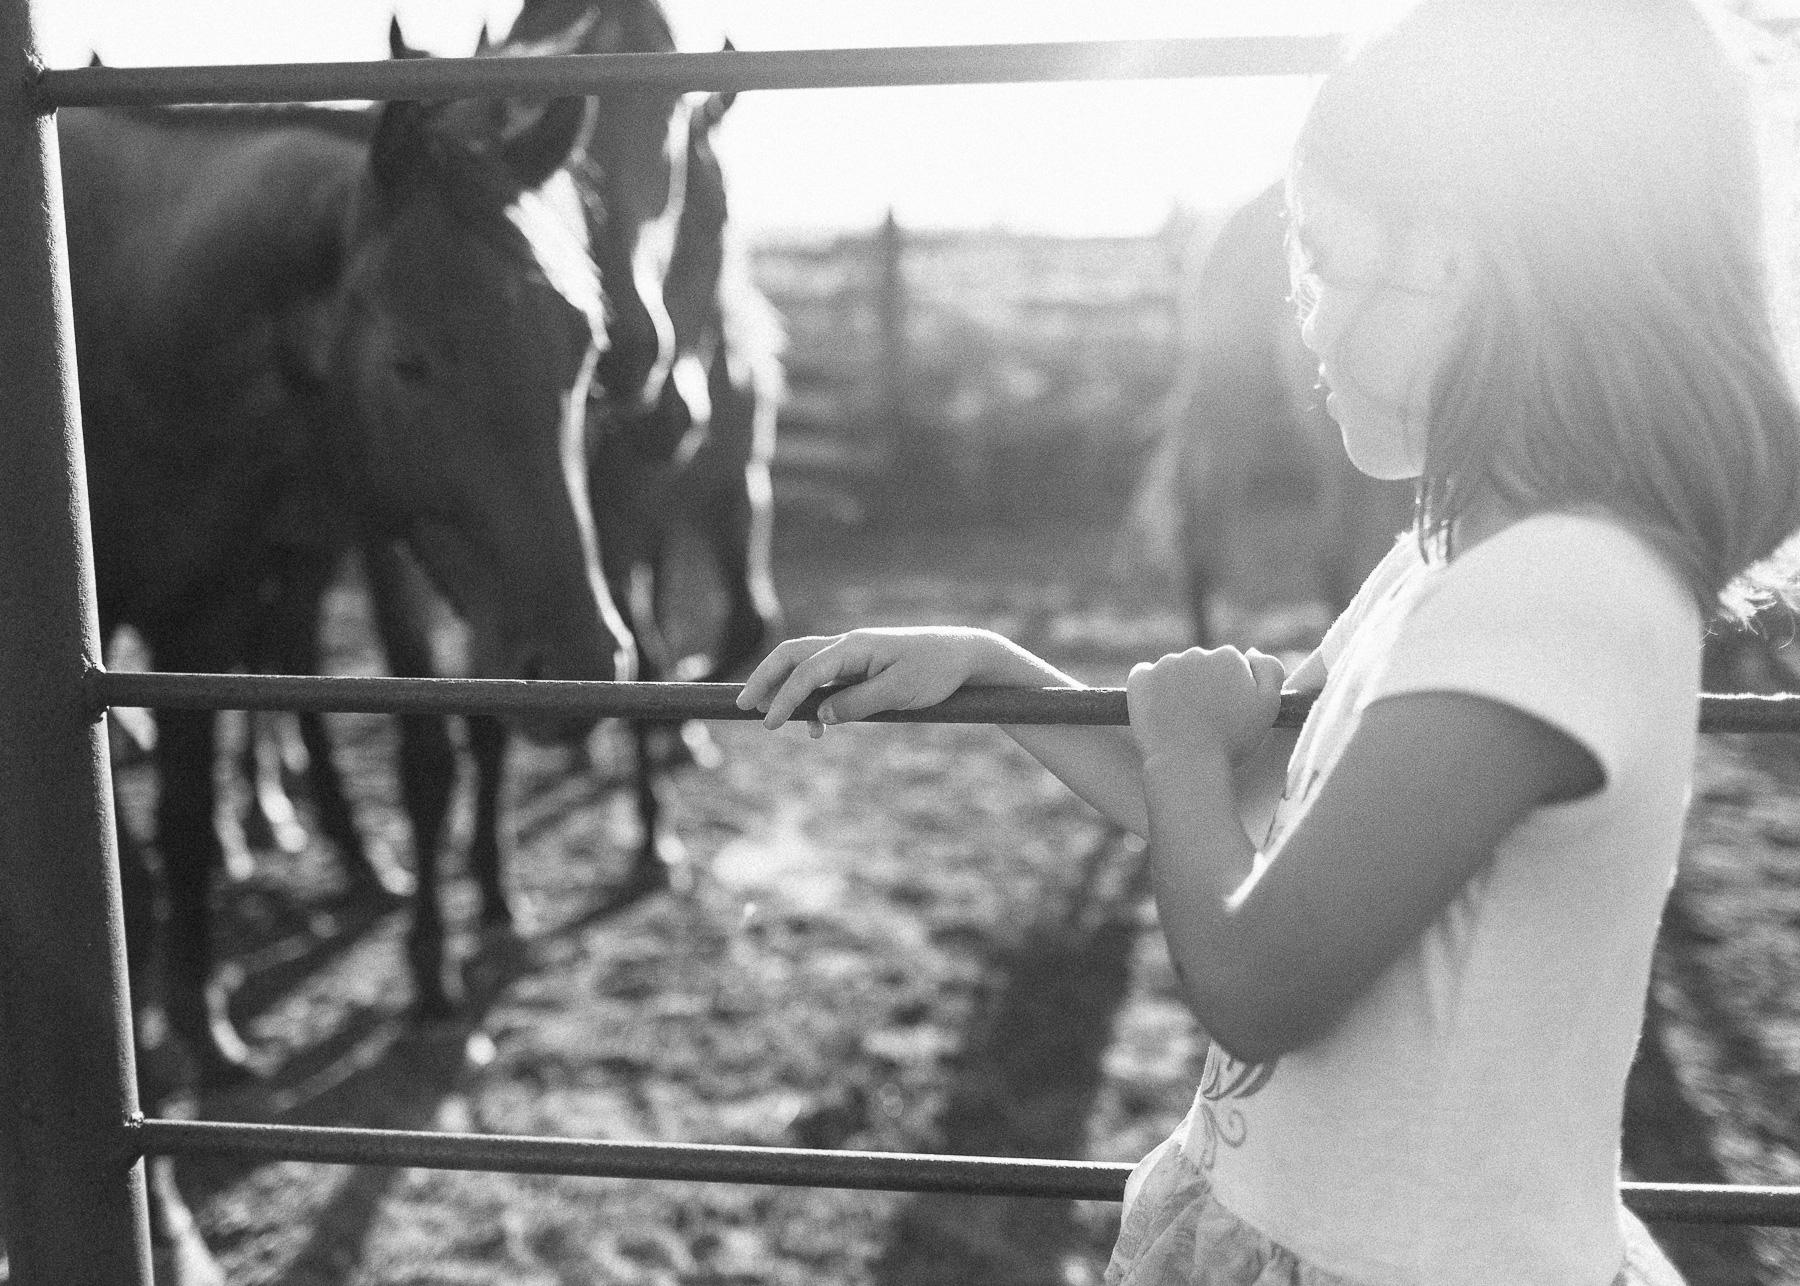 girl on fence rail